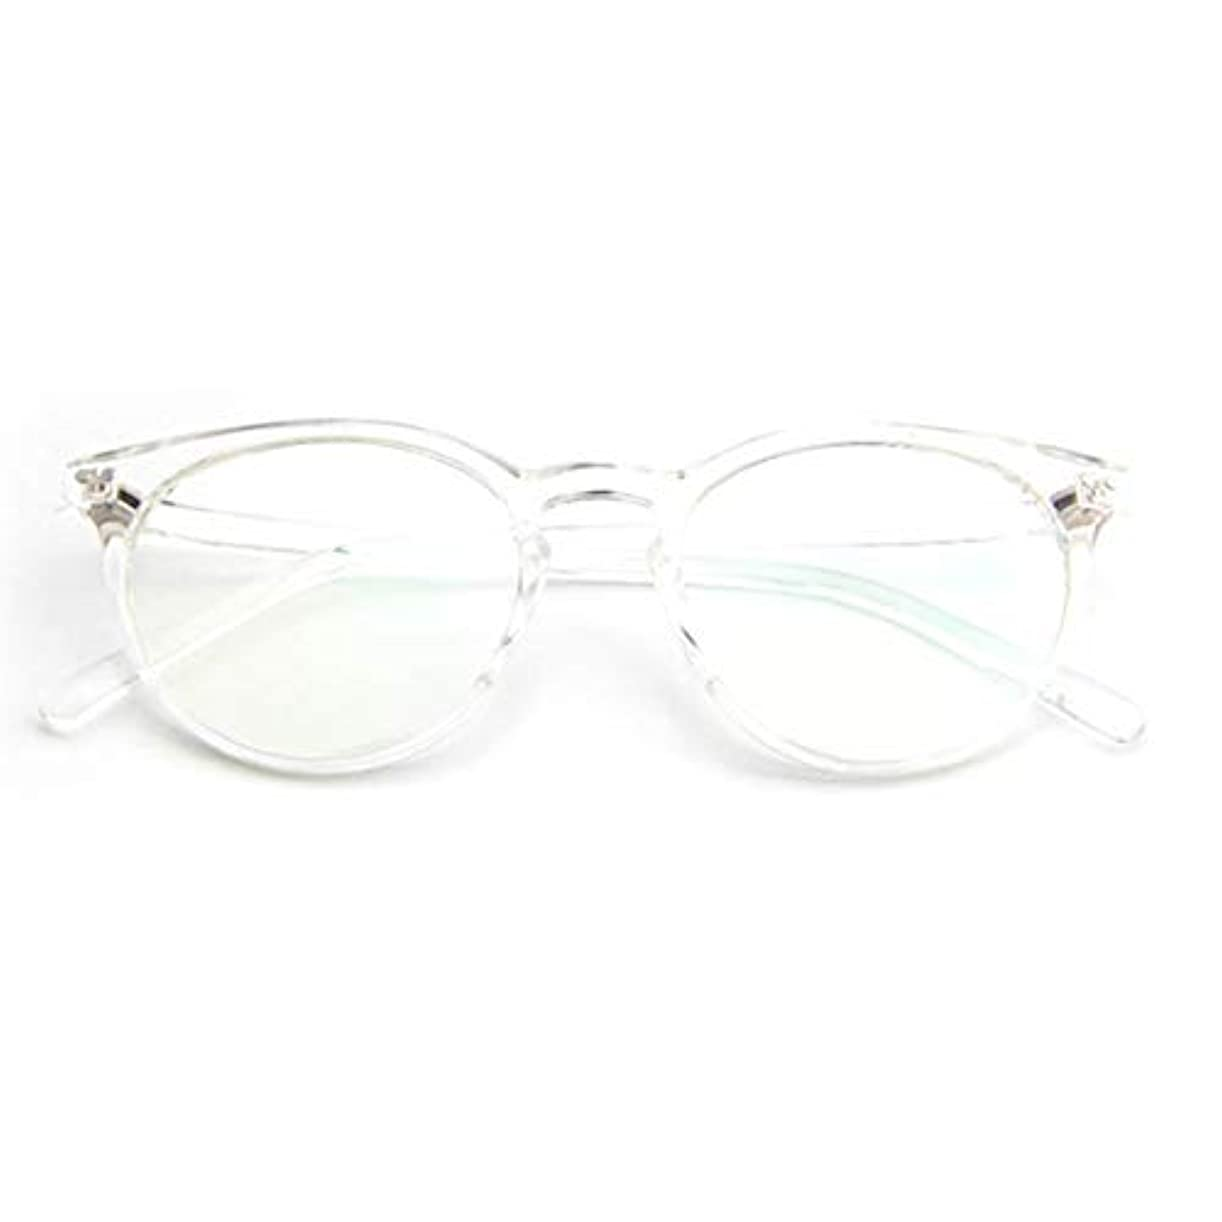 宝石クッションかもめ小さな新鮮な米ネイルフレームレンズレトロ古風な円形フレームファッションフレーム男性用近視眼鏡女性-透明な白